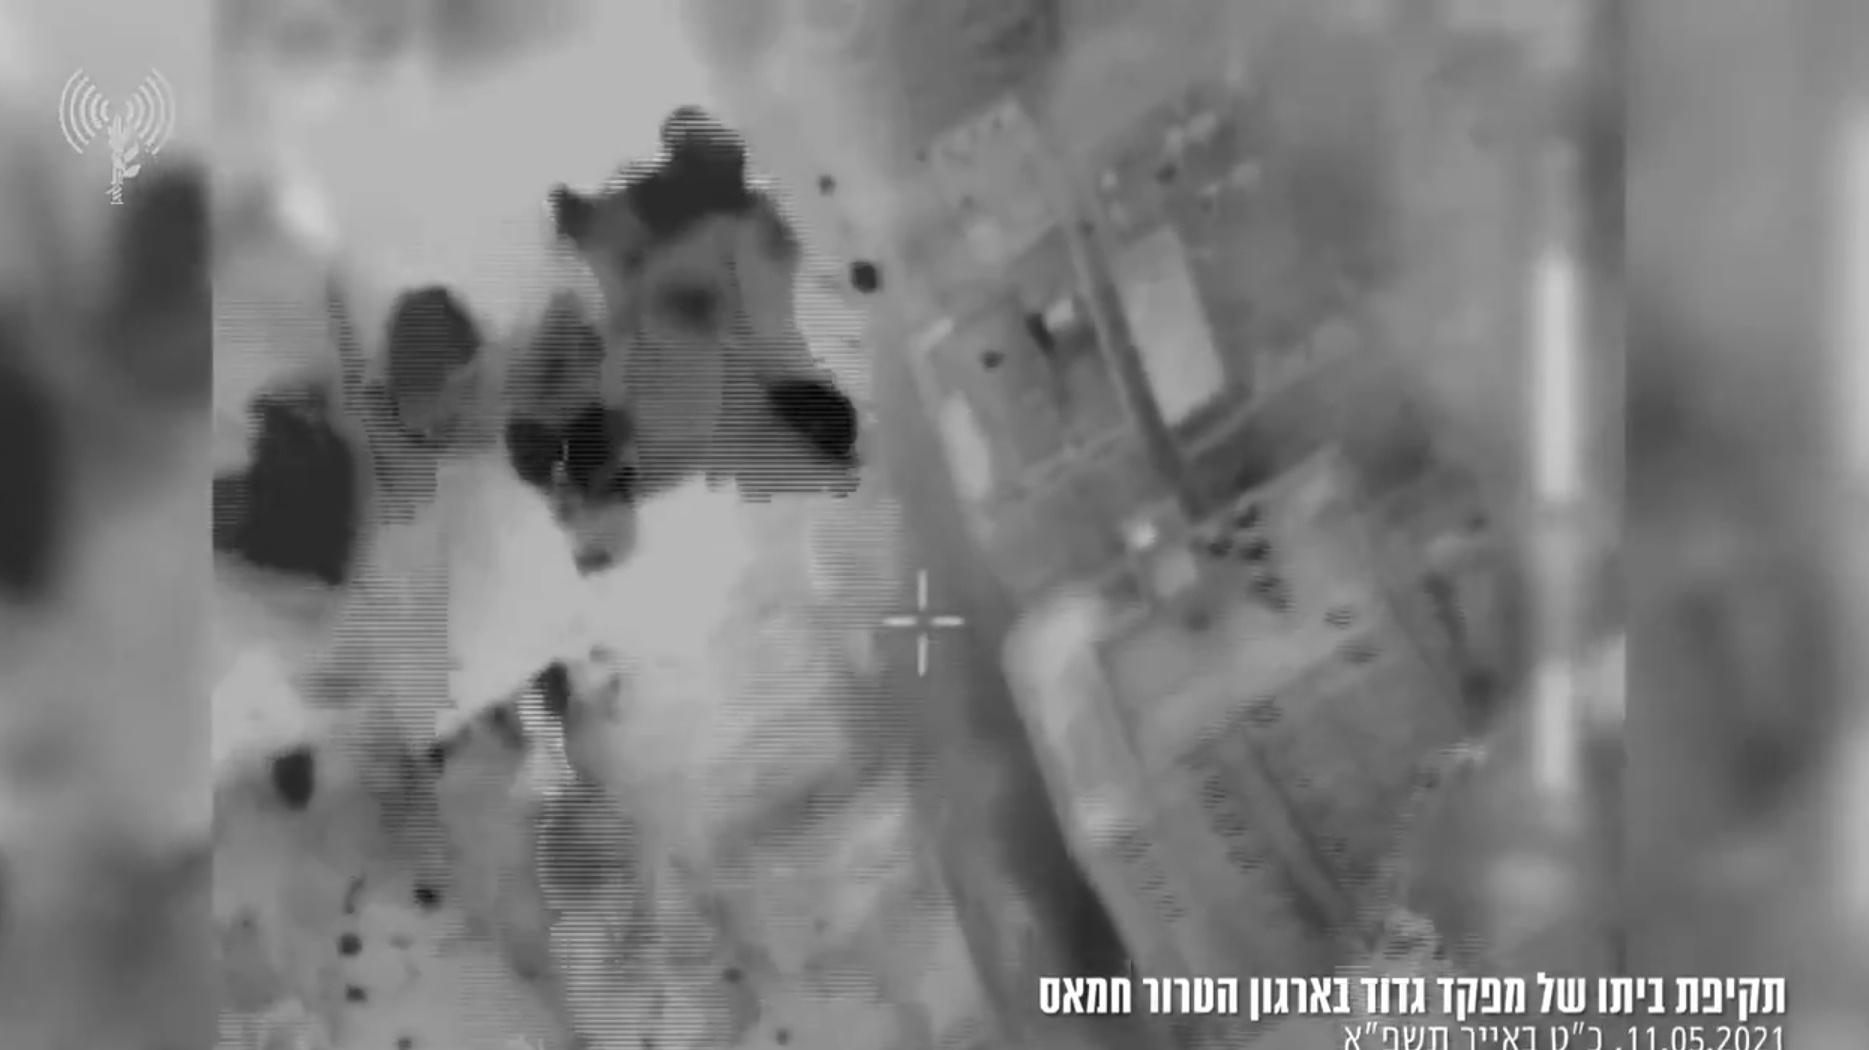 A mintegy 200 rakétára reagálva Izrael elindította a Falak Őrzője hadműveletet, megsemmisítve 130 …